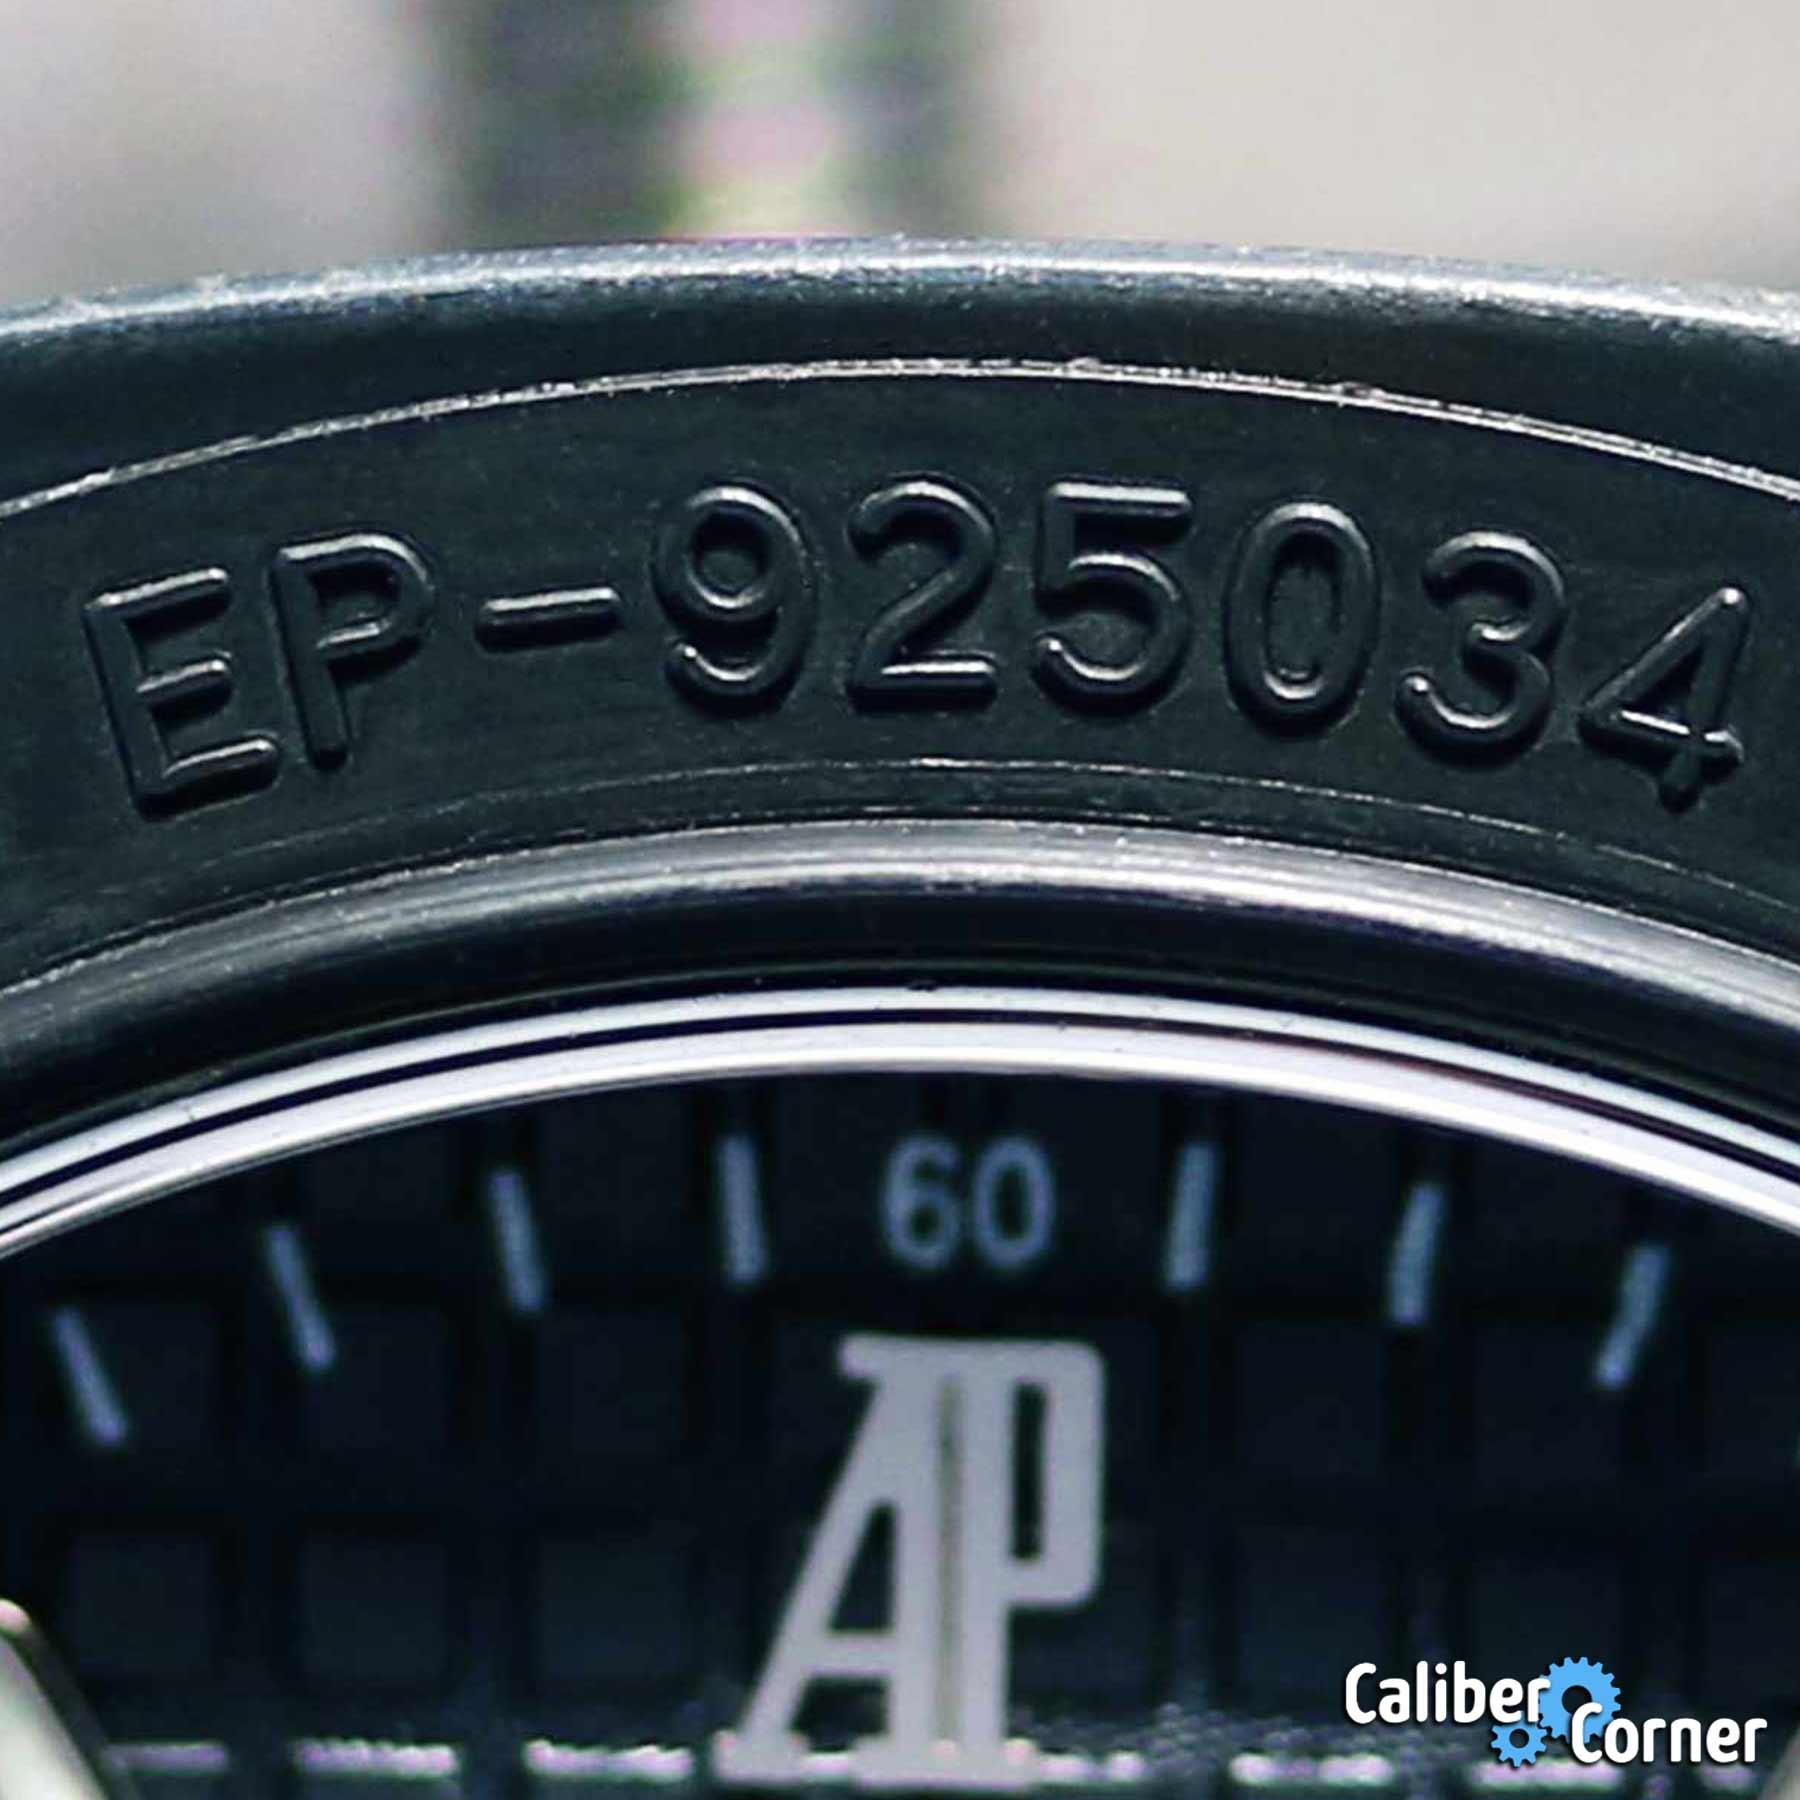 Audemars Piguet Caliber 2225 Gasket